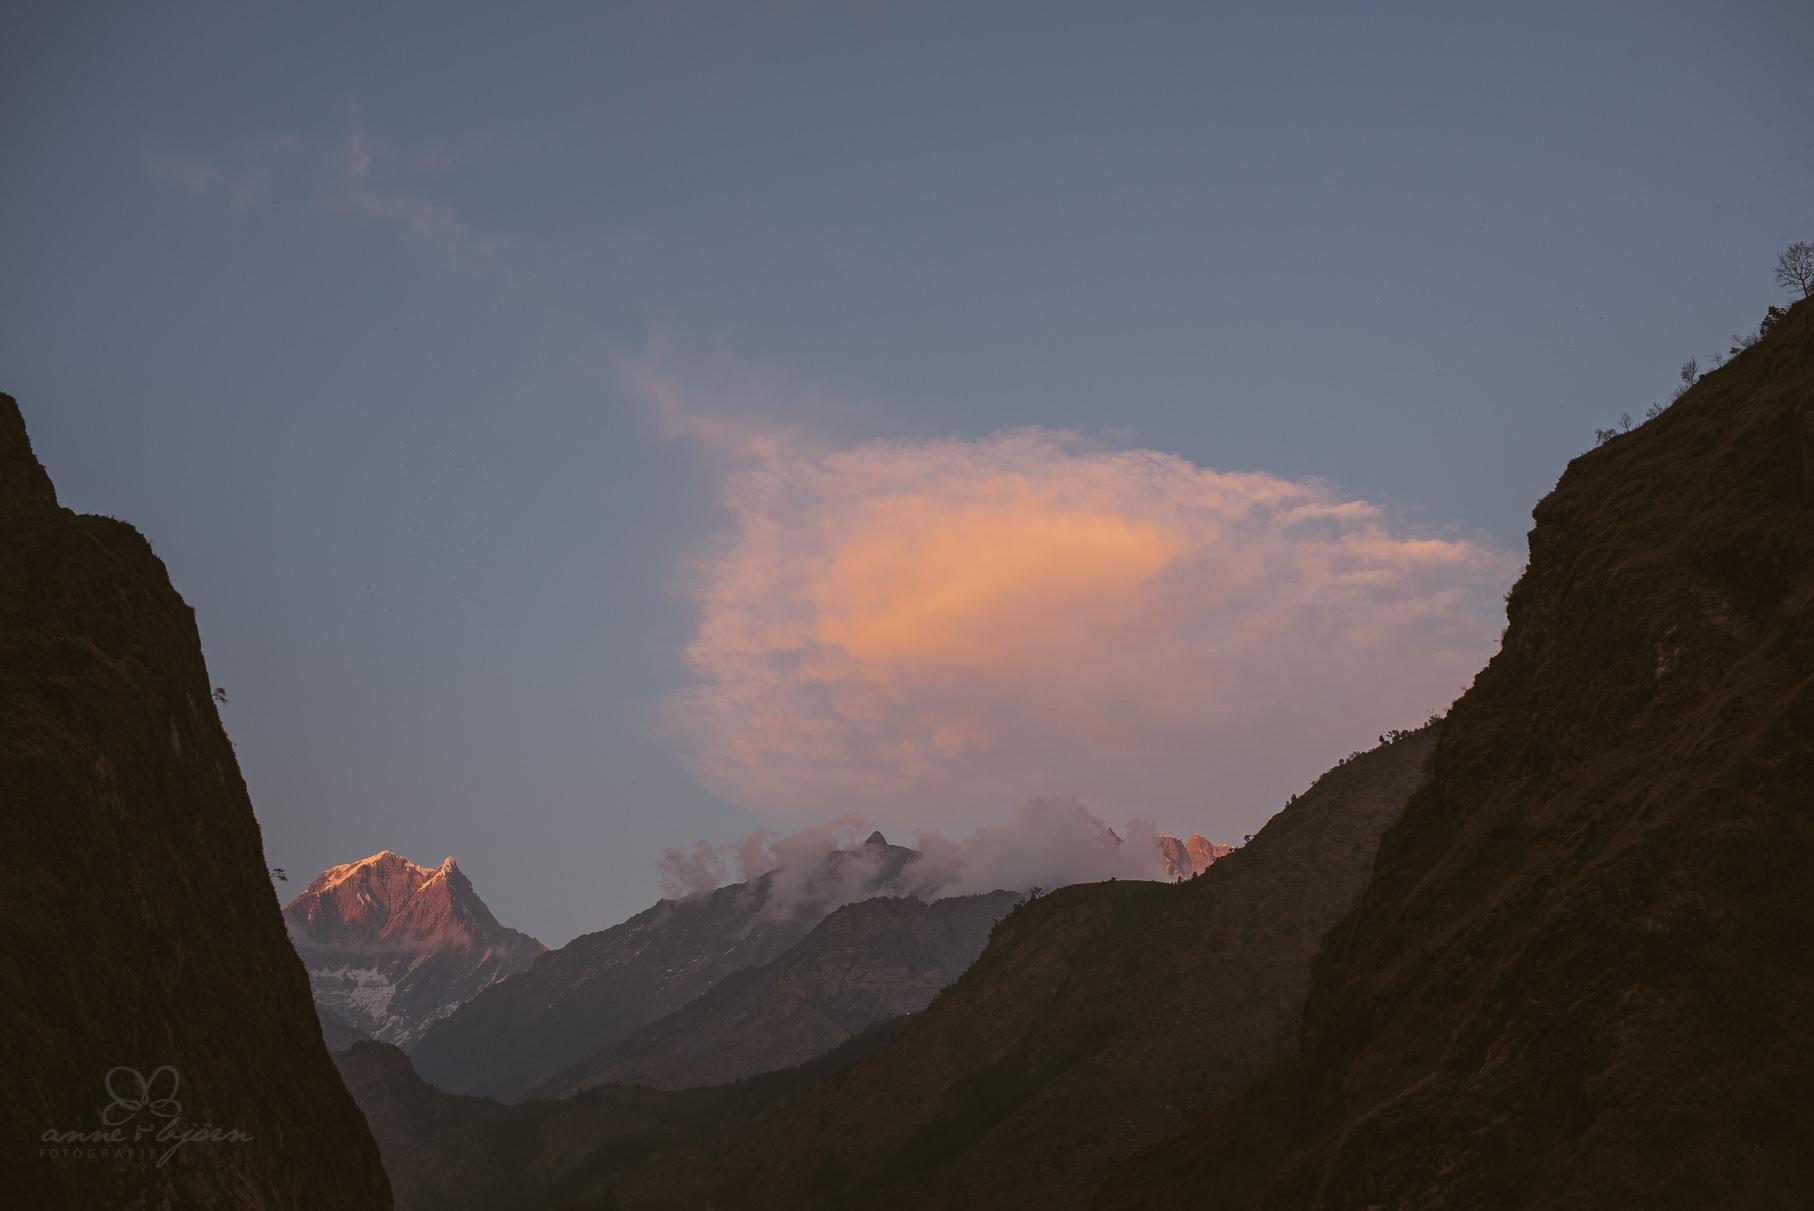 0005 anne und bjoern chitwan nationalpark nepal d75 3281 2 - Nepal Teil 3 - Roadtrip, Chitwan Nationalpark und eine spontane Hochzeit